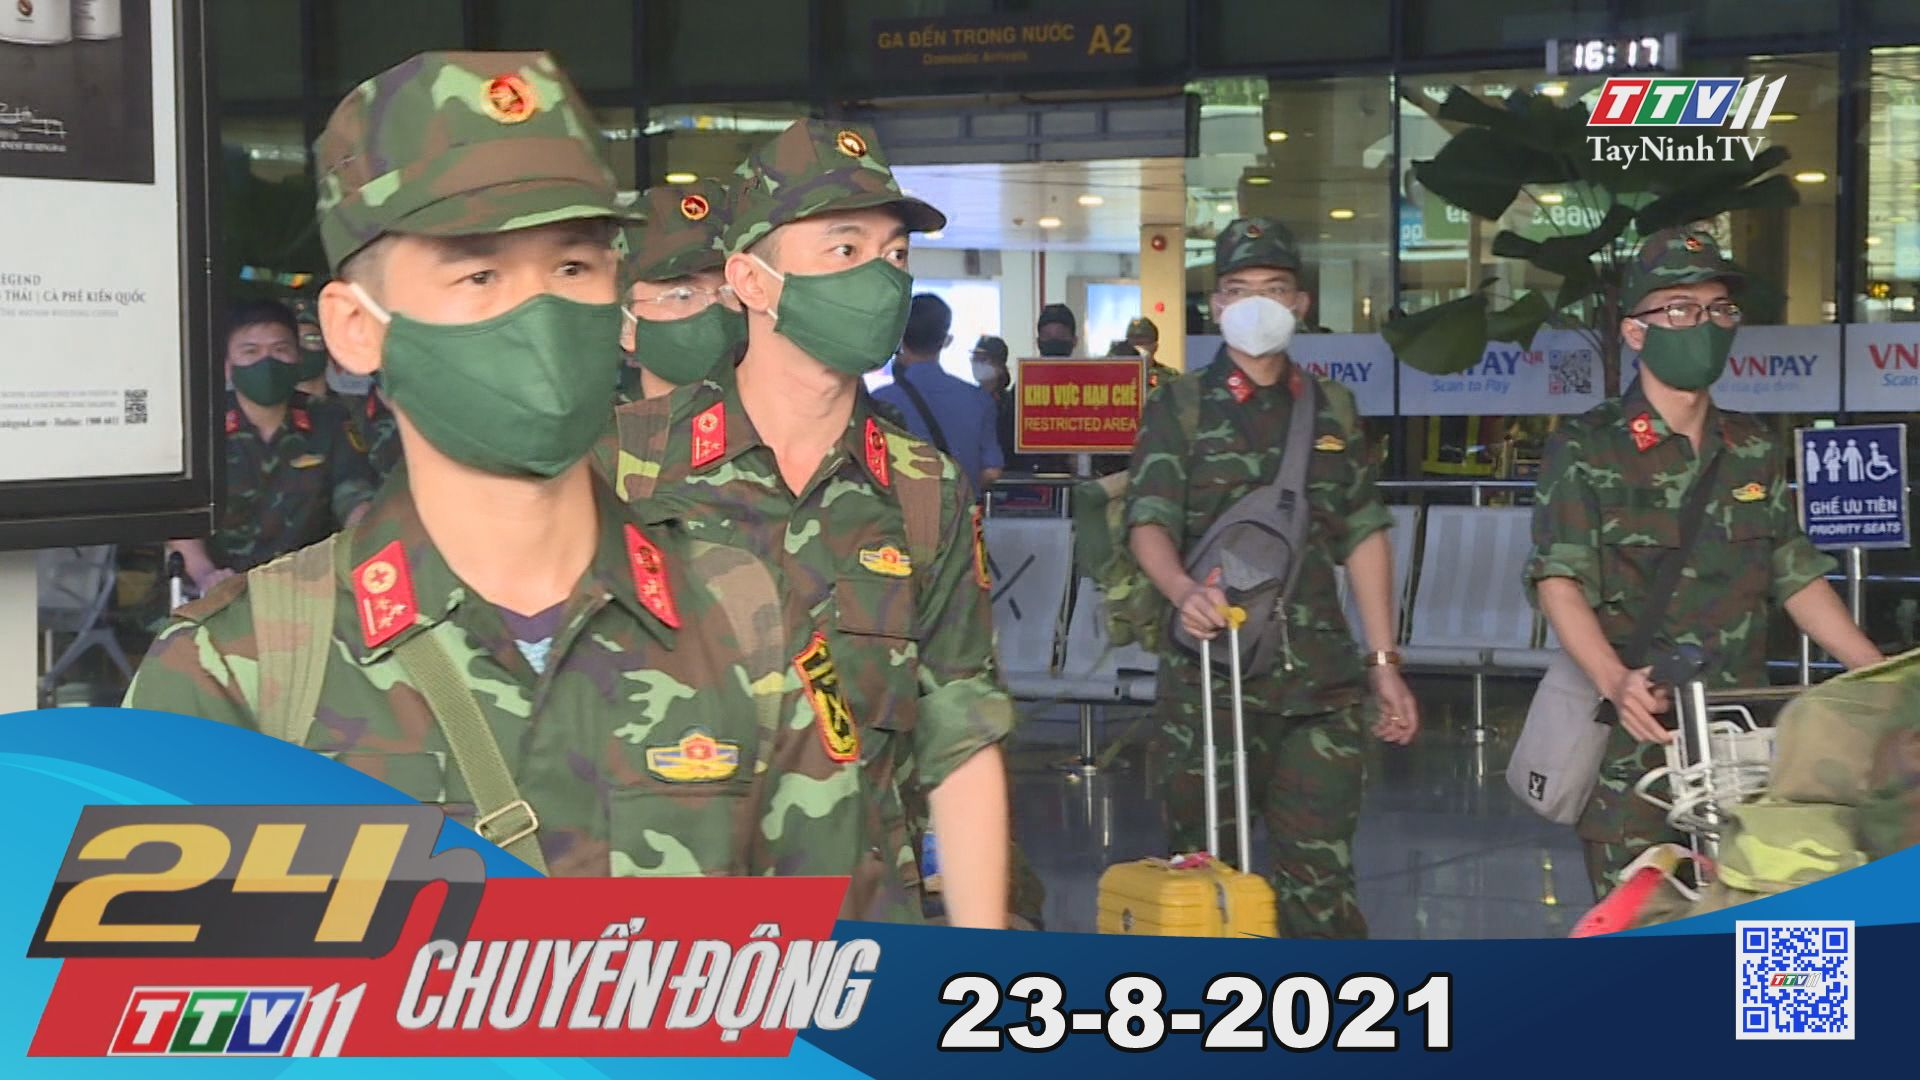 24h Chuyển động 23-8-2021 | Tin tức hôm nay | TayNinhTV